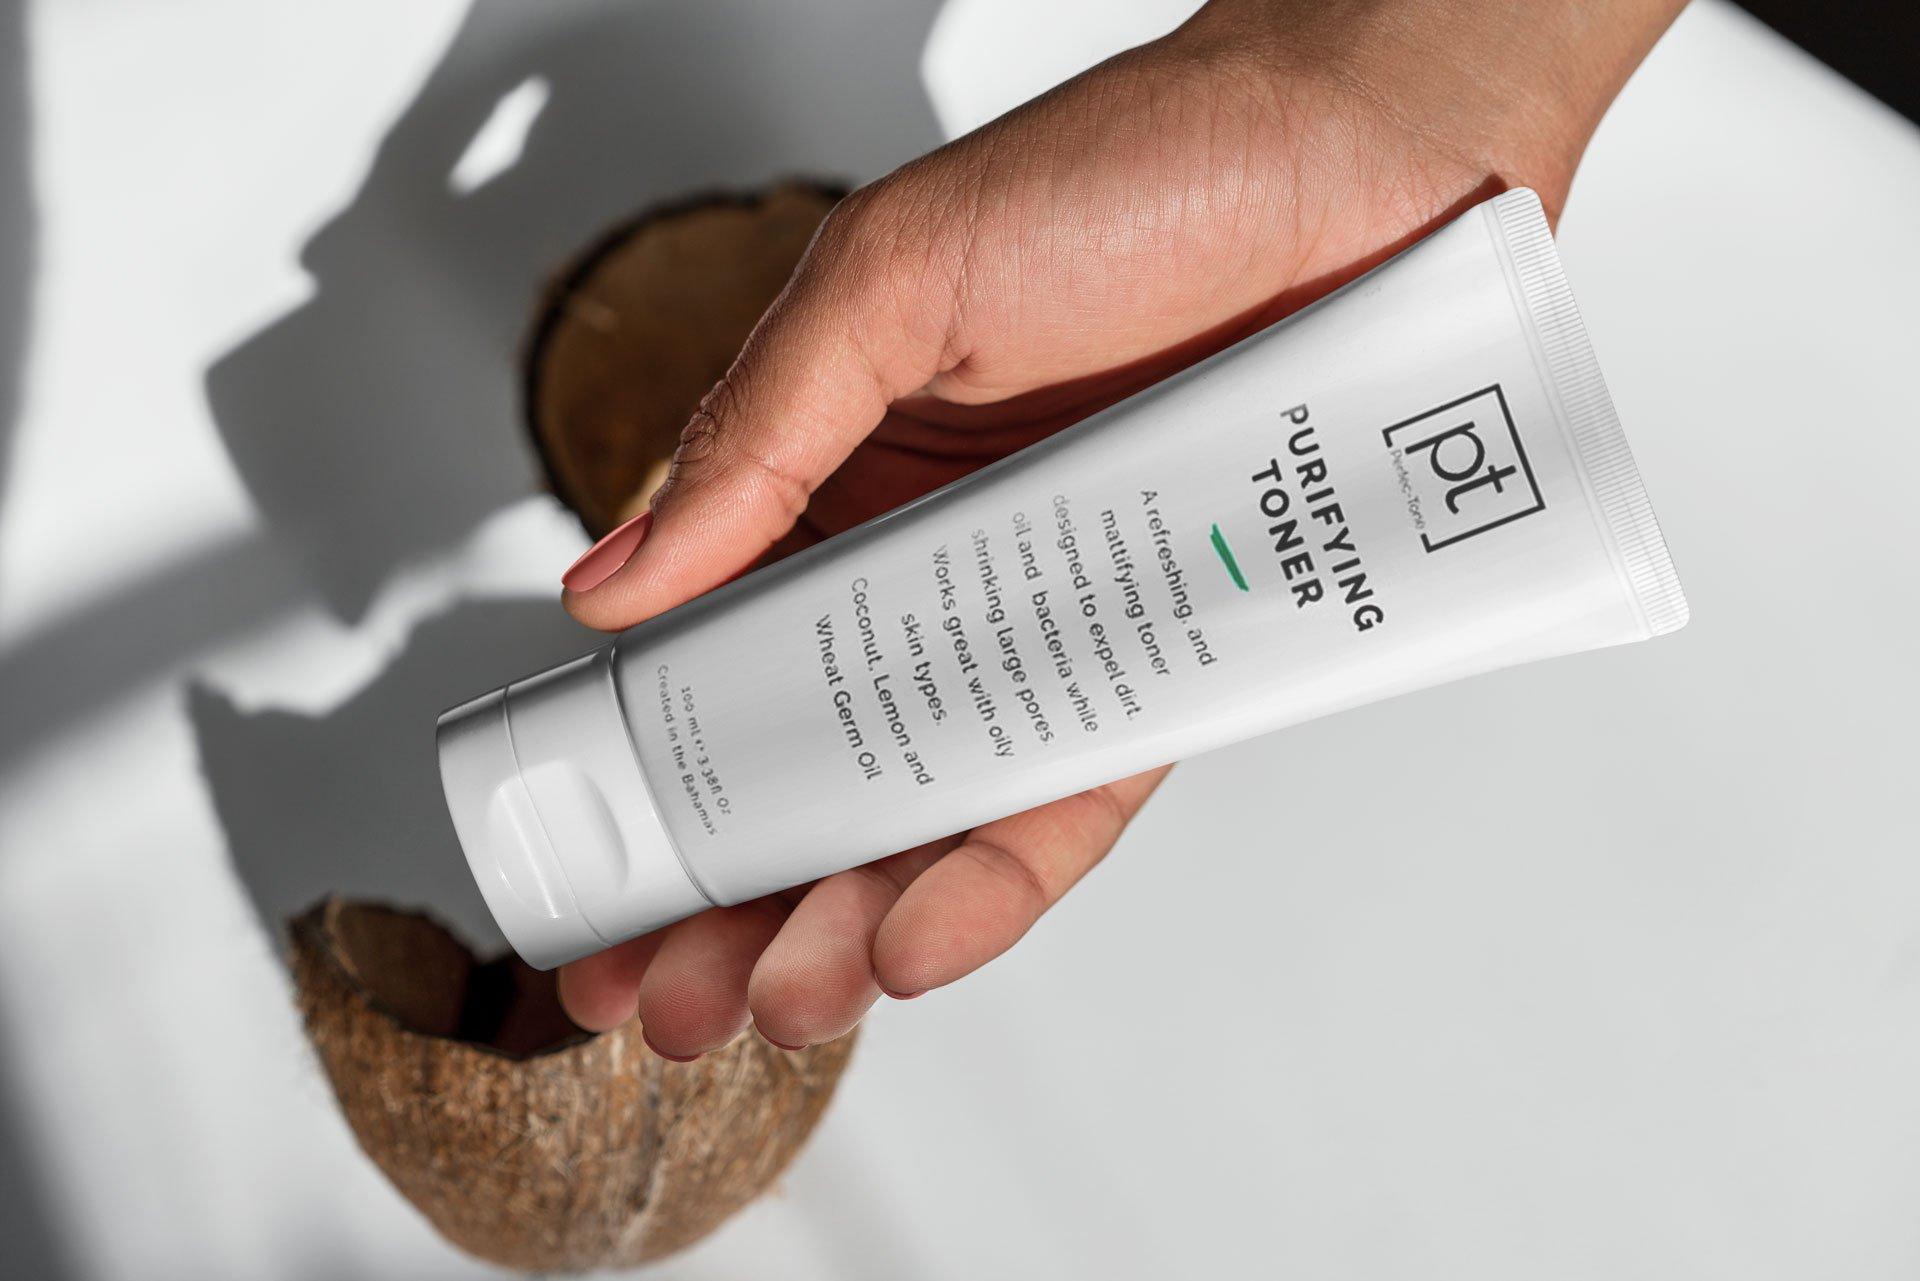 Beauty-Marketing-Company-Skincare-Toner